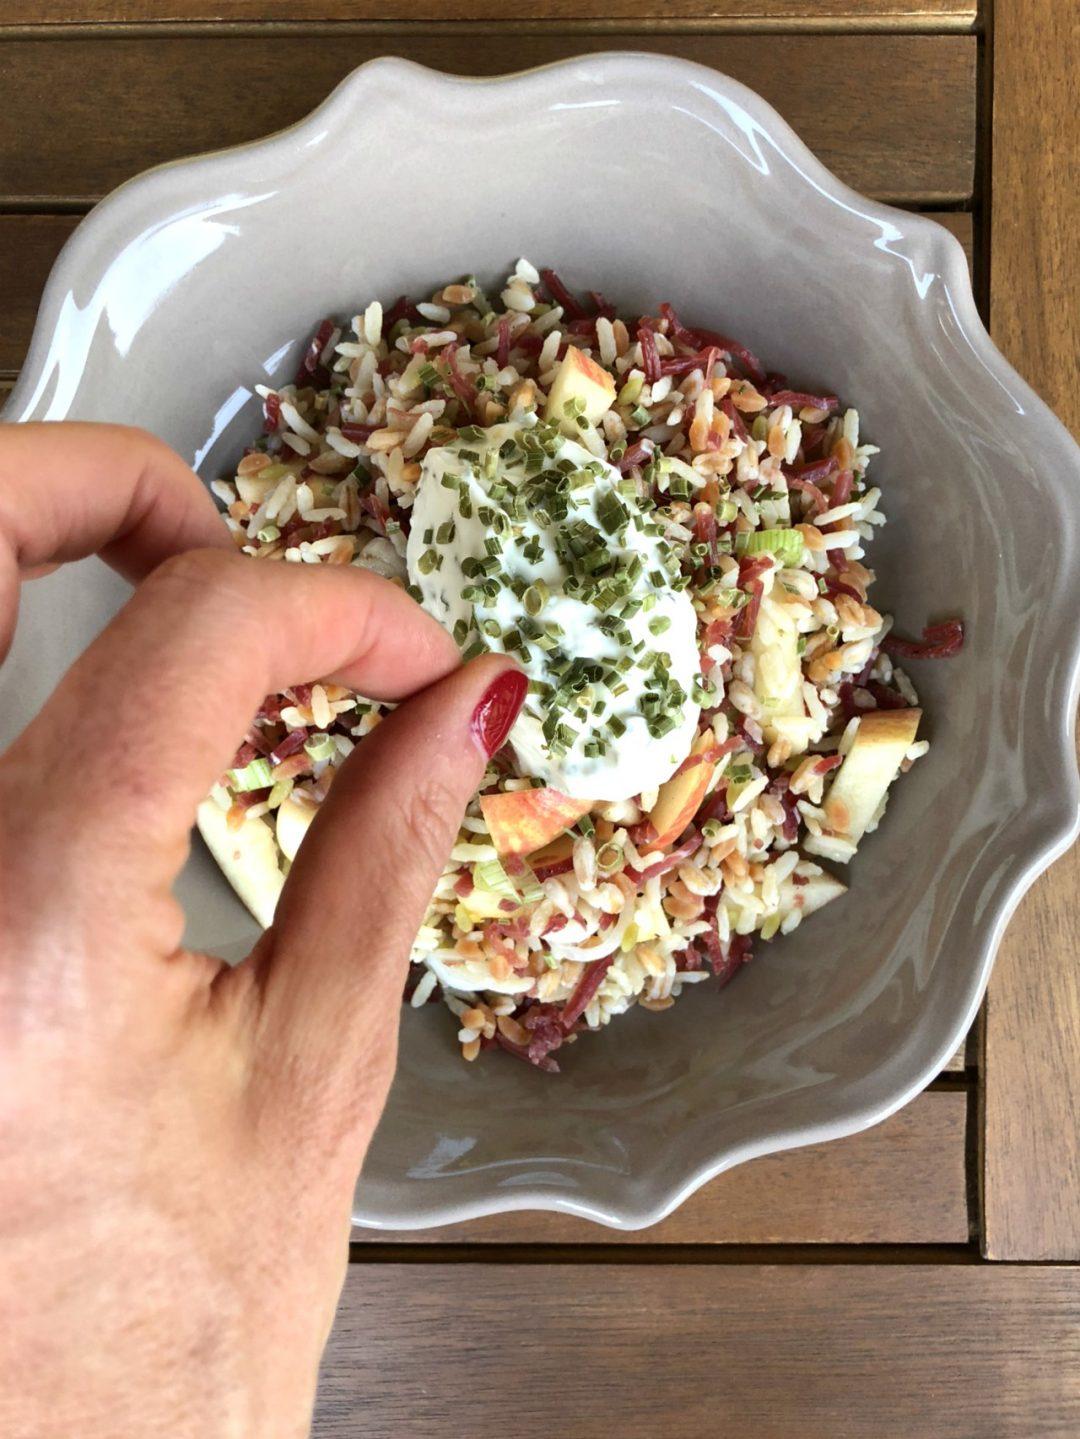 insalata-di-cereali-con-mela Fuji-bresaola-e-Skyr